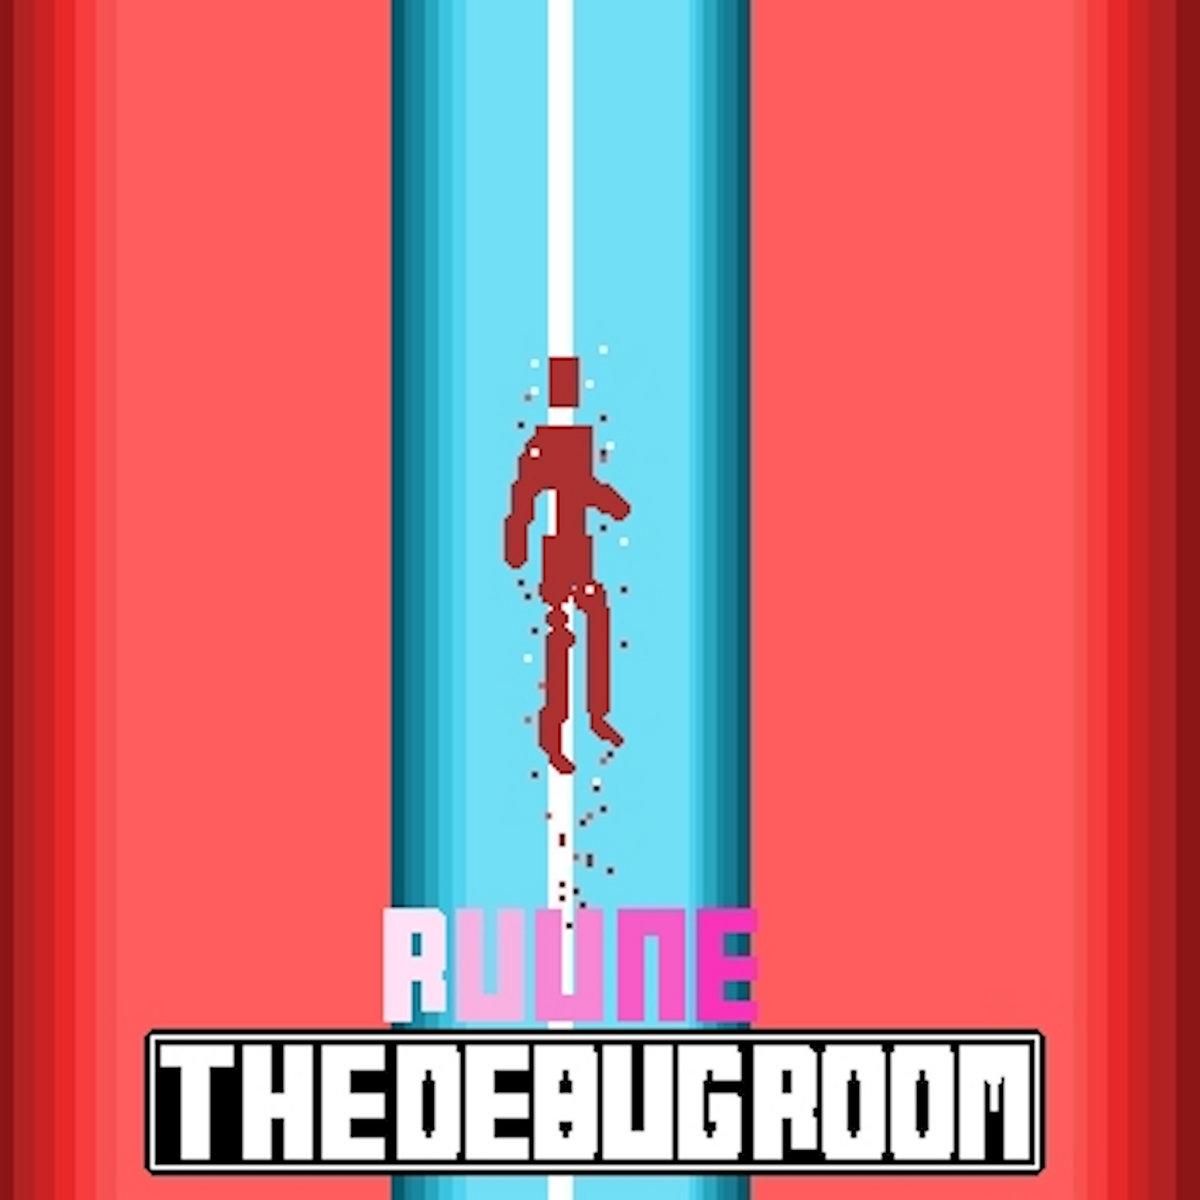 THE DEBUG ROOM